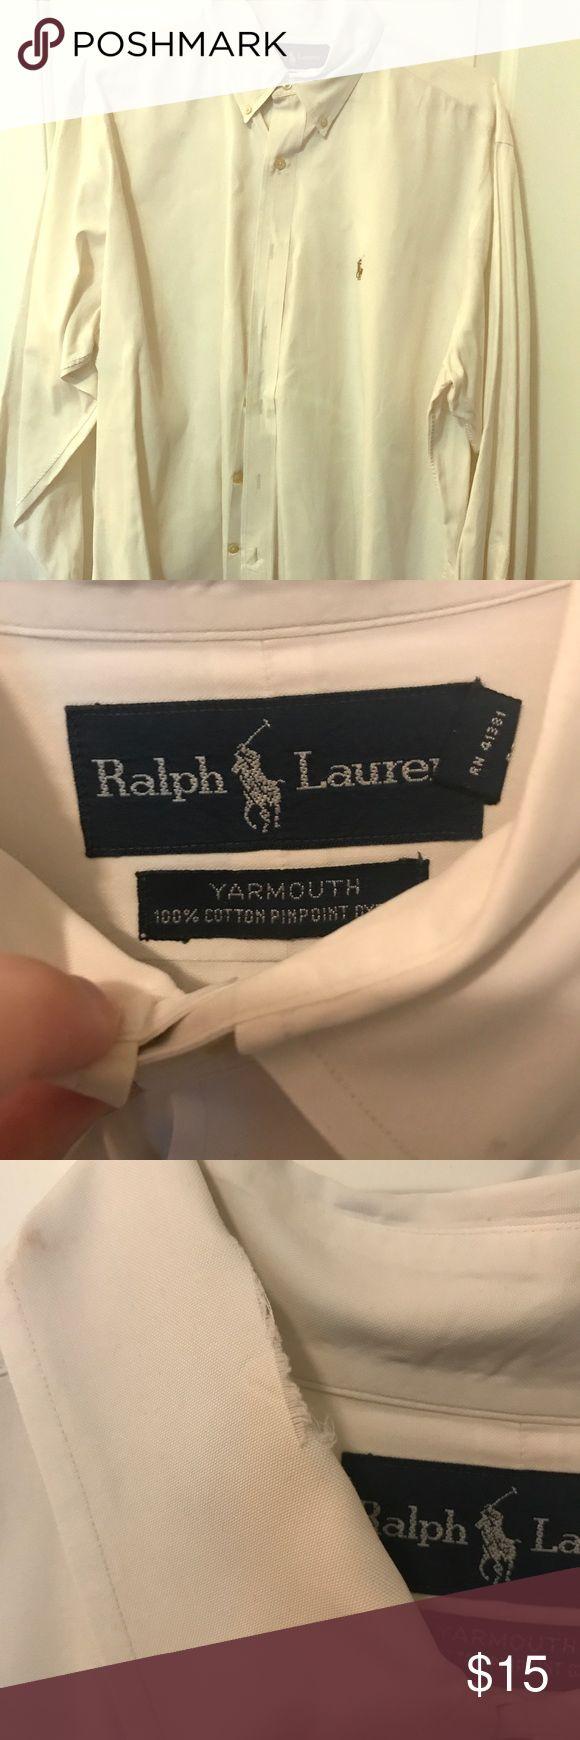 Ralph Lauren dress shirt White, button down collar. Slight fraying on collar Ralph Lauren Shirts Dress Shirts